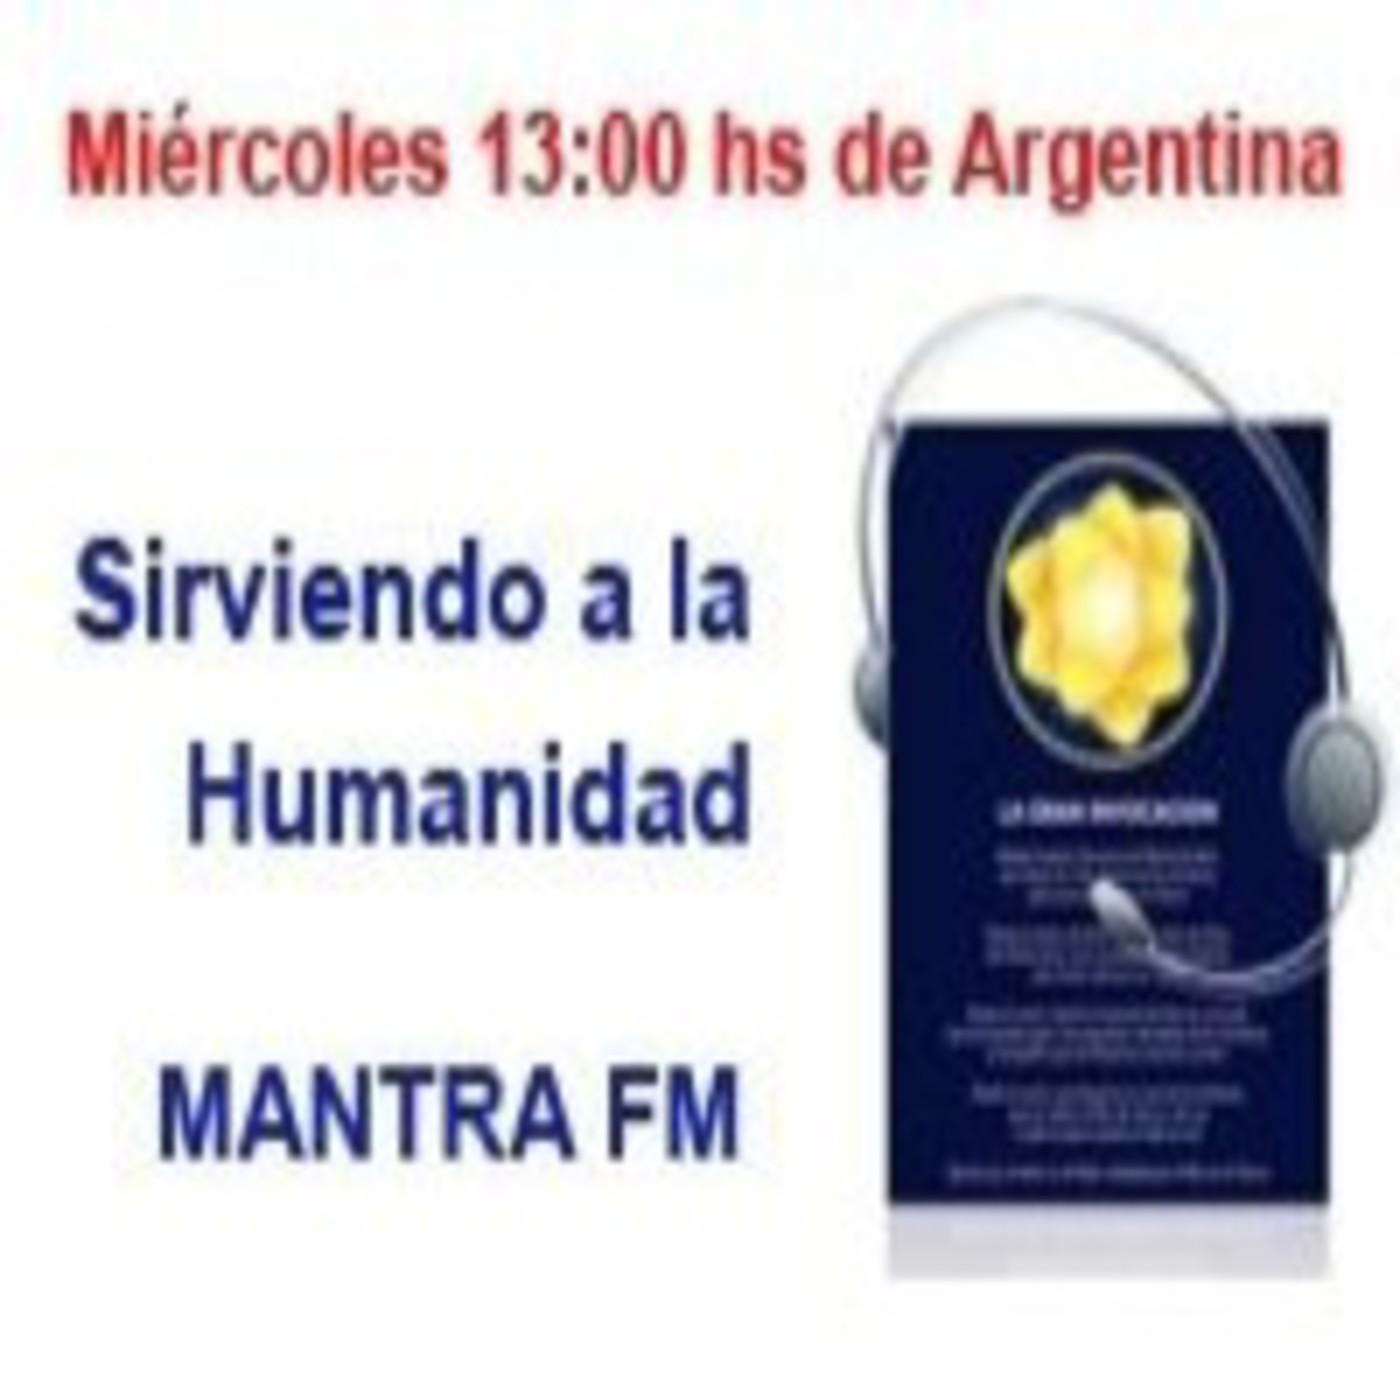 Programa Sirviendo a la Humanidad 02-02-2011